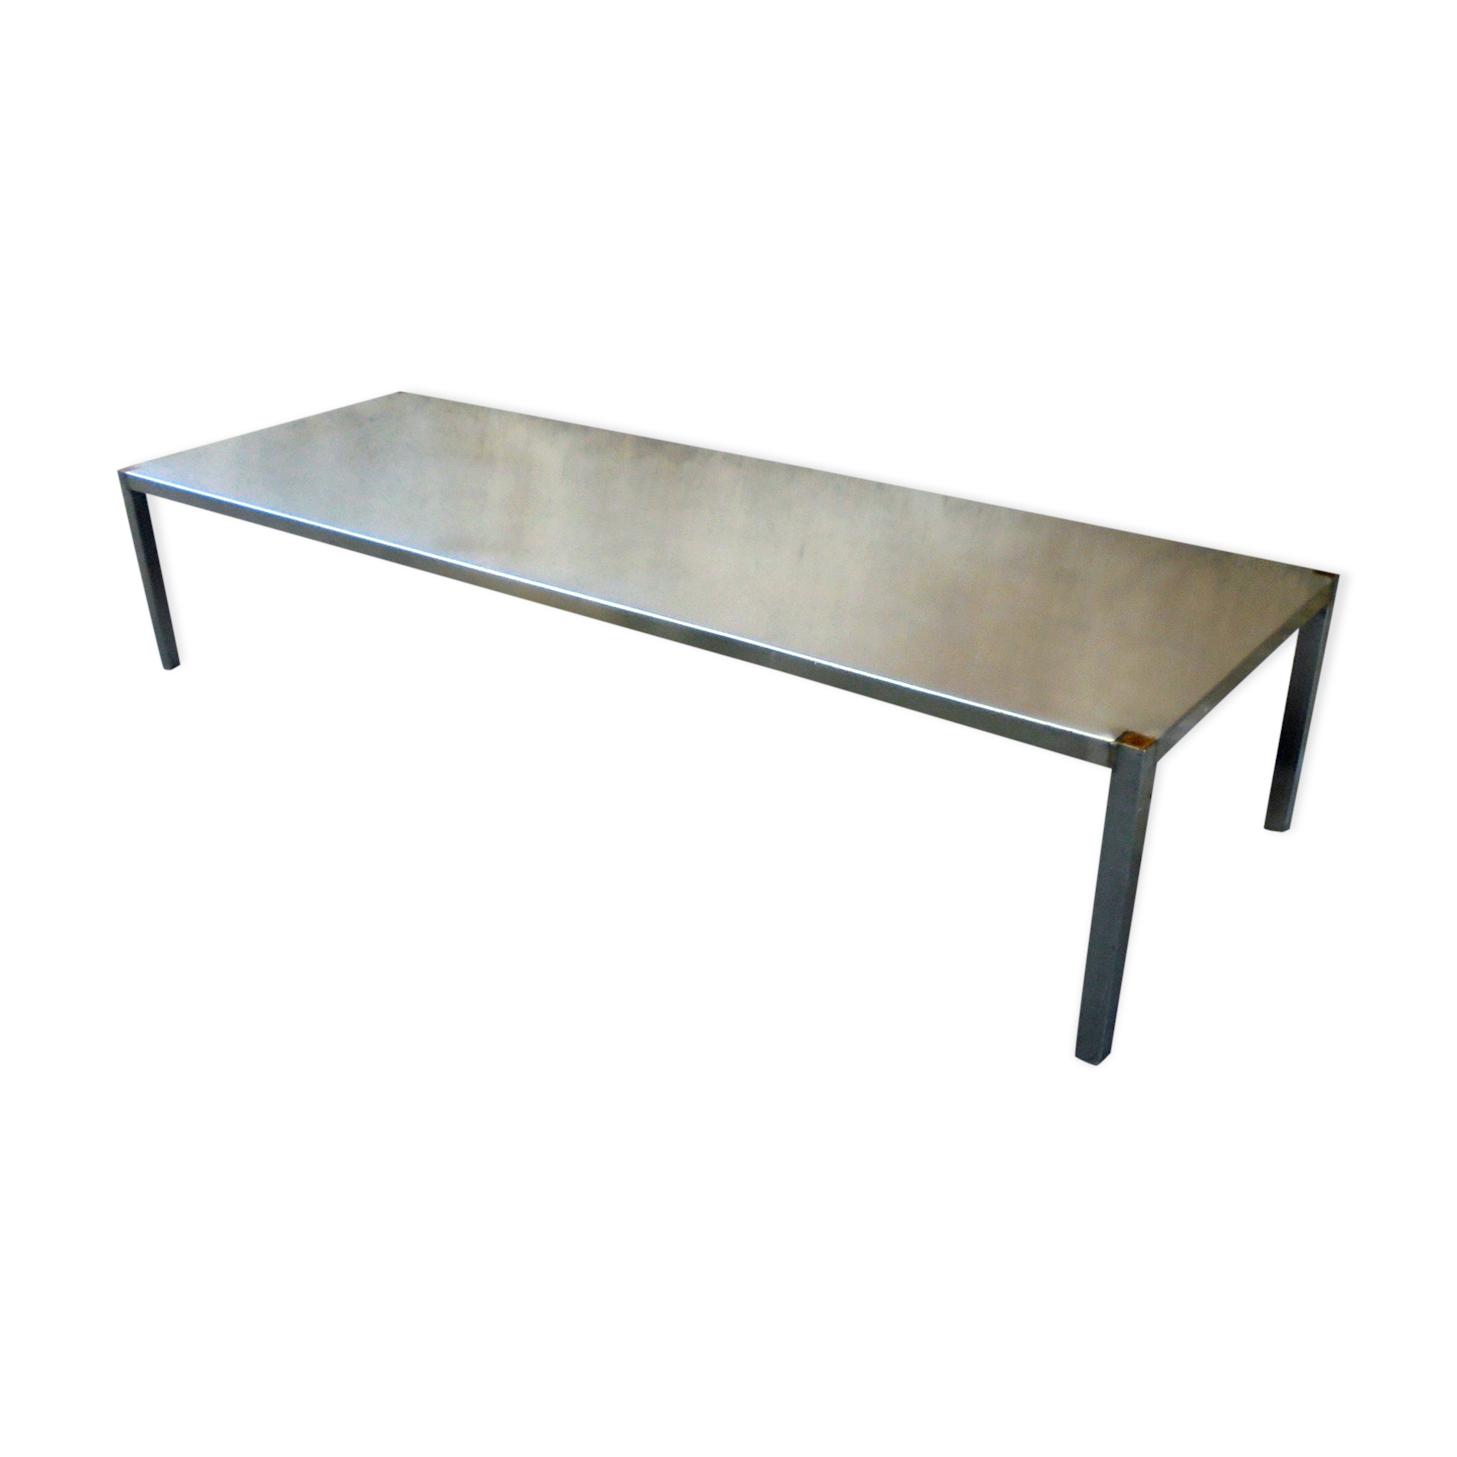 Table Basse En Inox pour table basse en inox industrielle - métal - argent (couleur